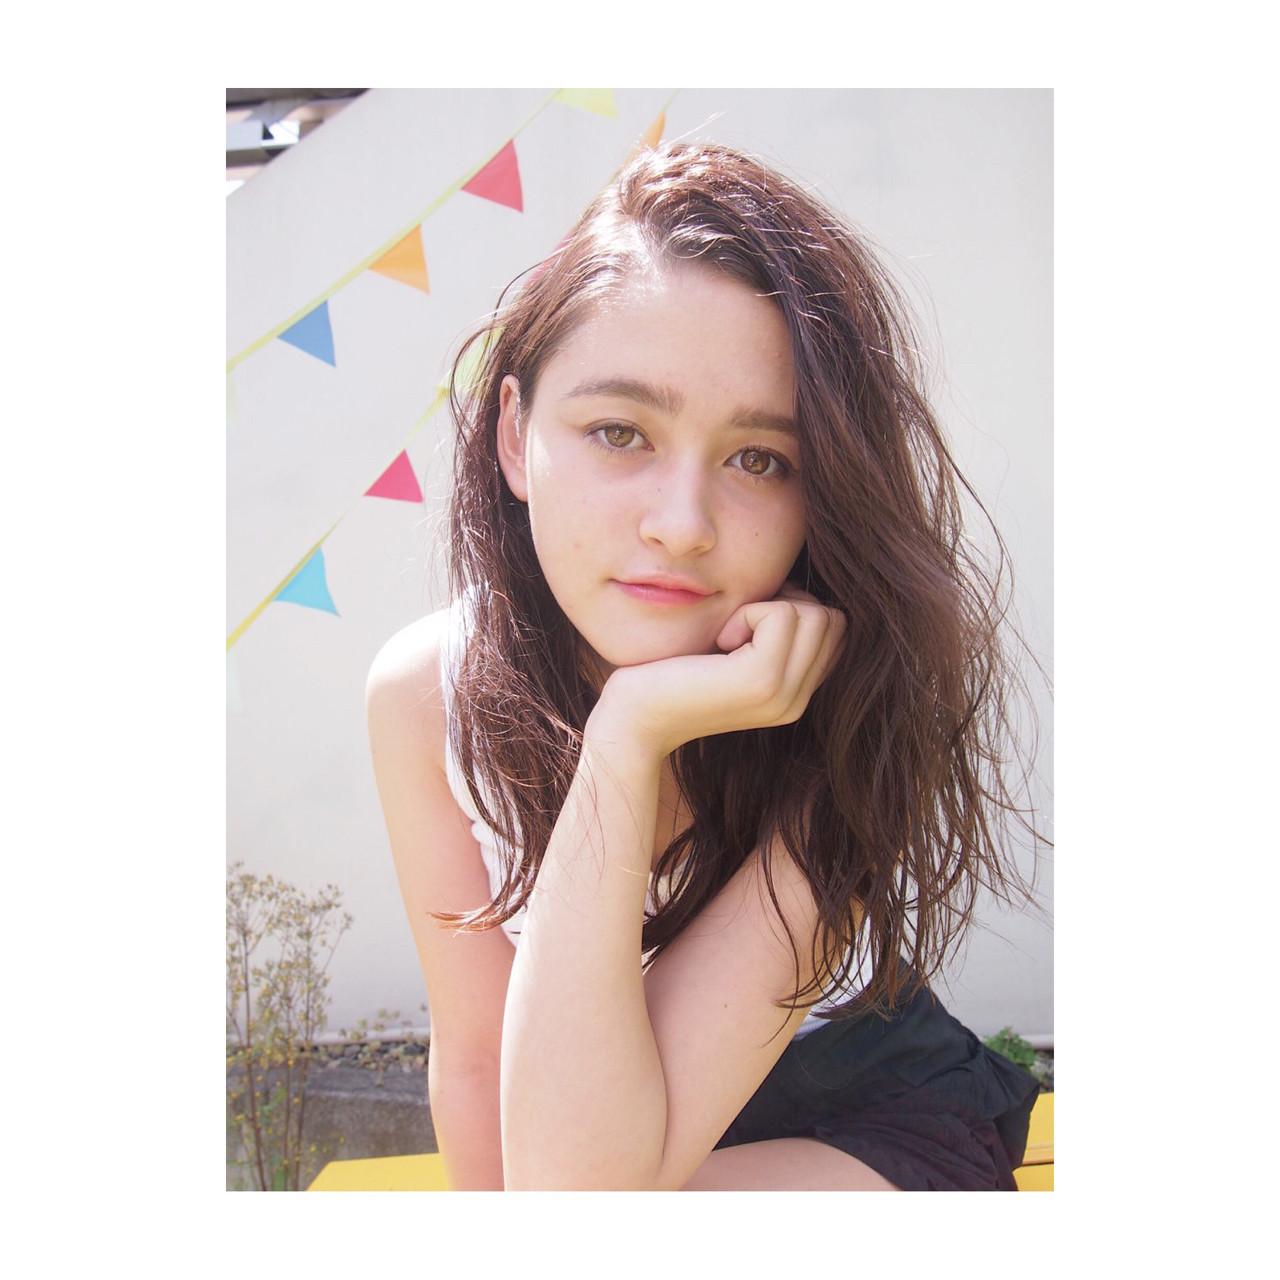 ヘアアレンジ 夏 外国人風 ナチュラル ヘアスタイルや髪型の写真・画像